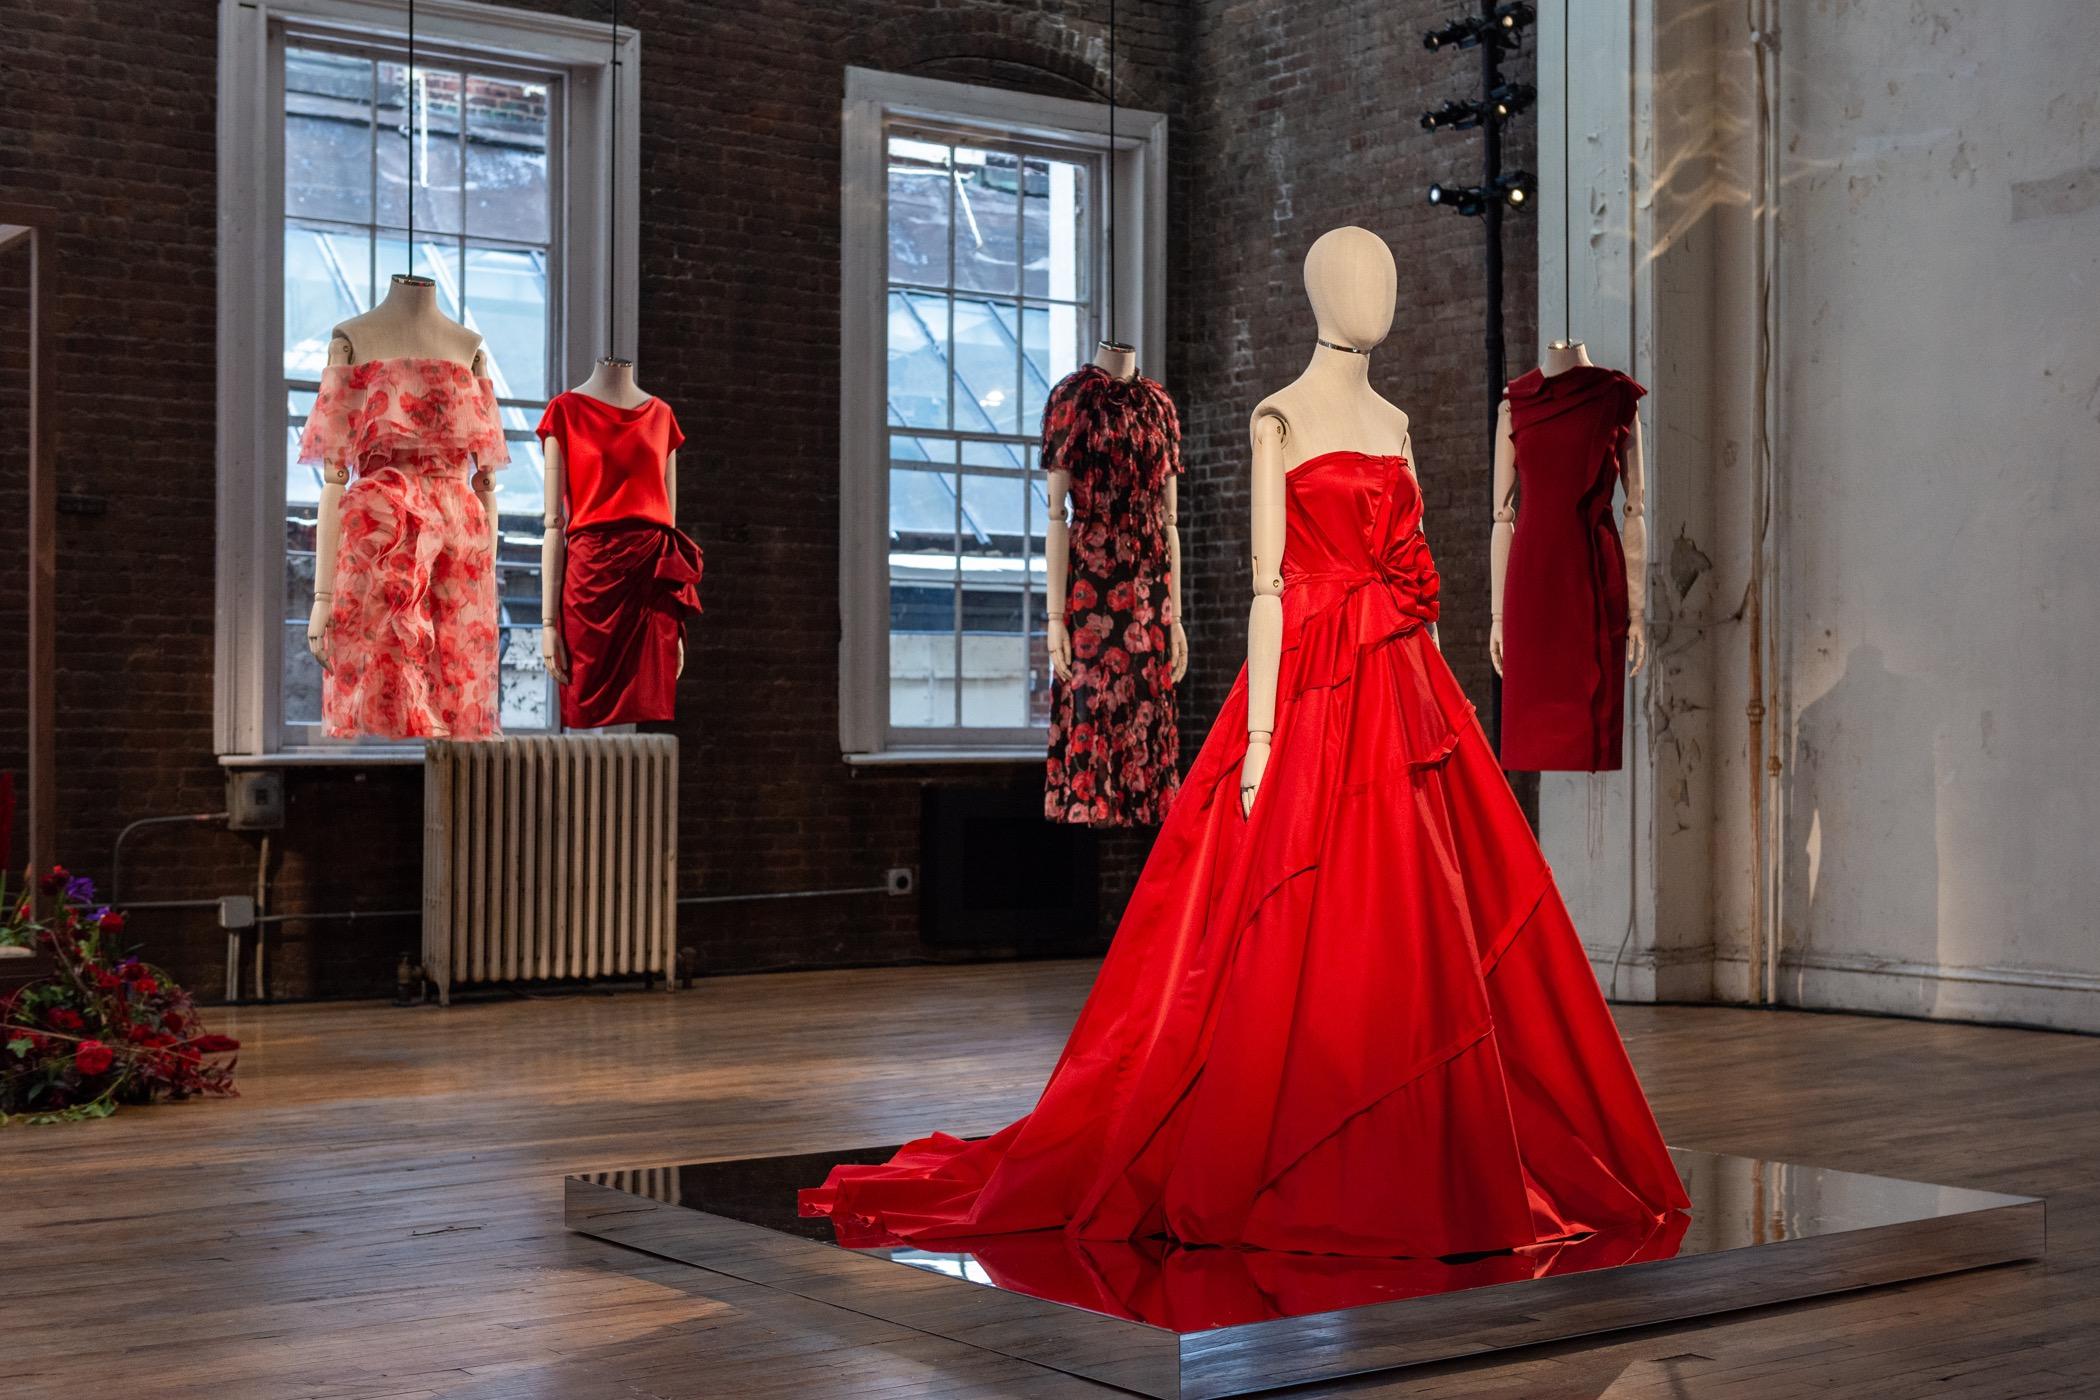 Il vestito rosso by @_iosonome_ on twitter